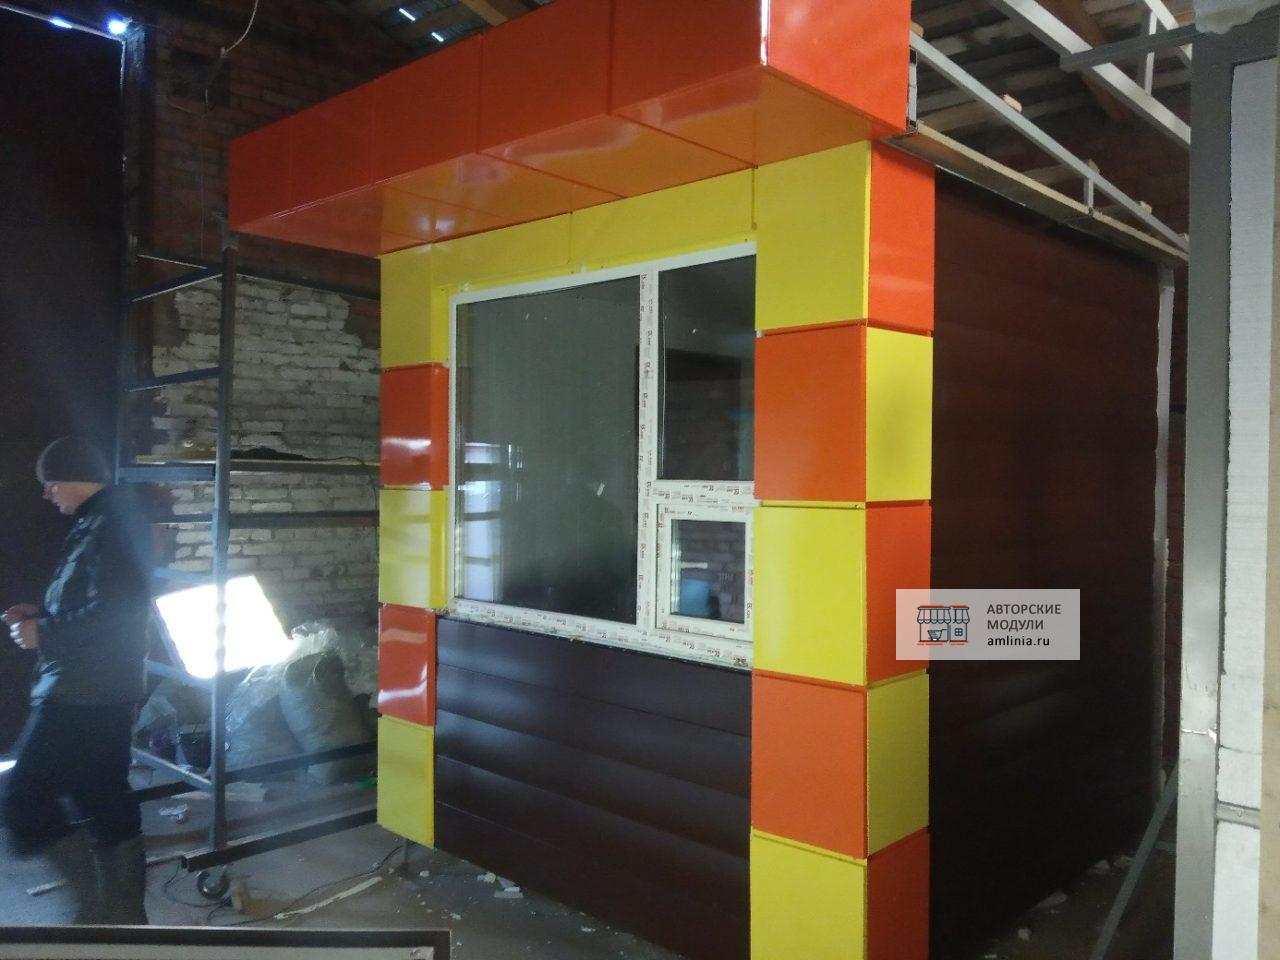 Киоск для торговли цветной, яркий. Размер 2,5 х 2,5 х 2,87 метра